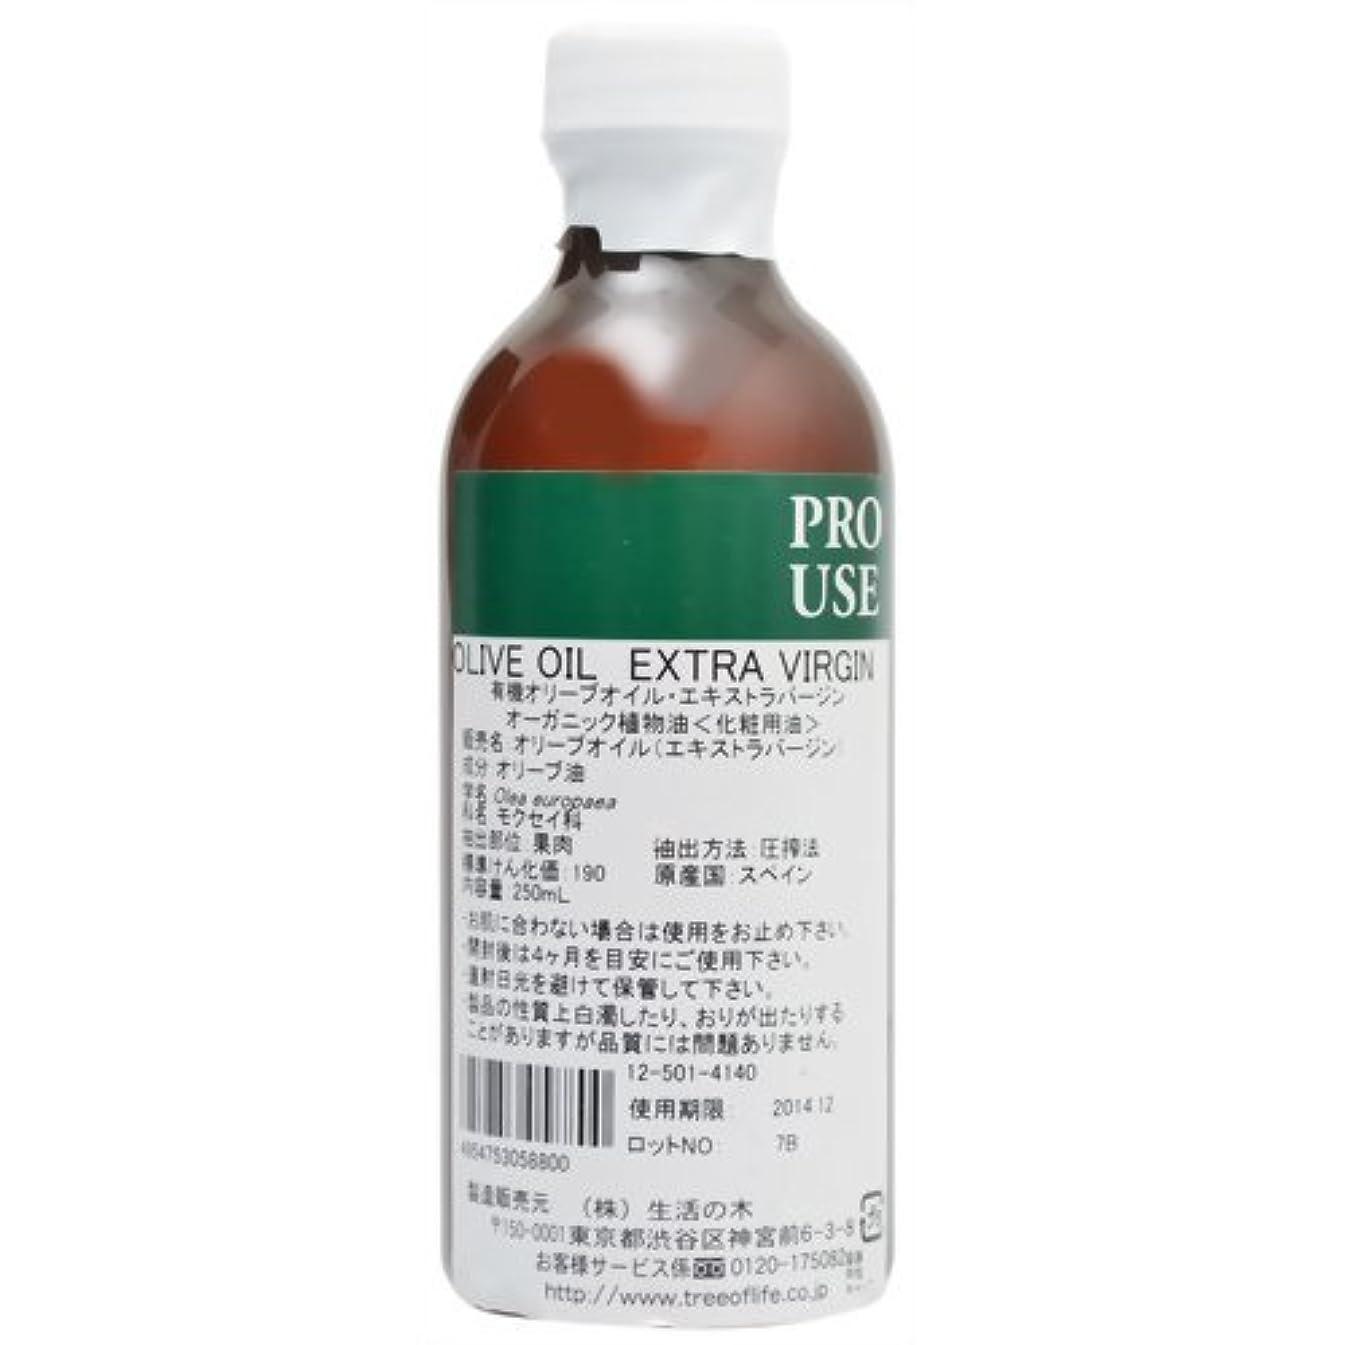 はさみ量で克服する有機オリーブオイルEXバージン250ml